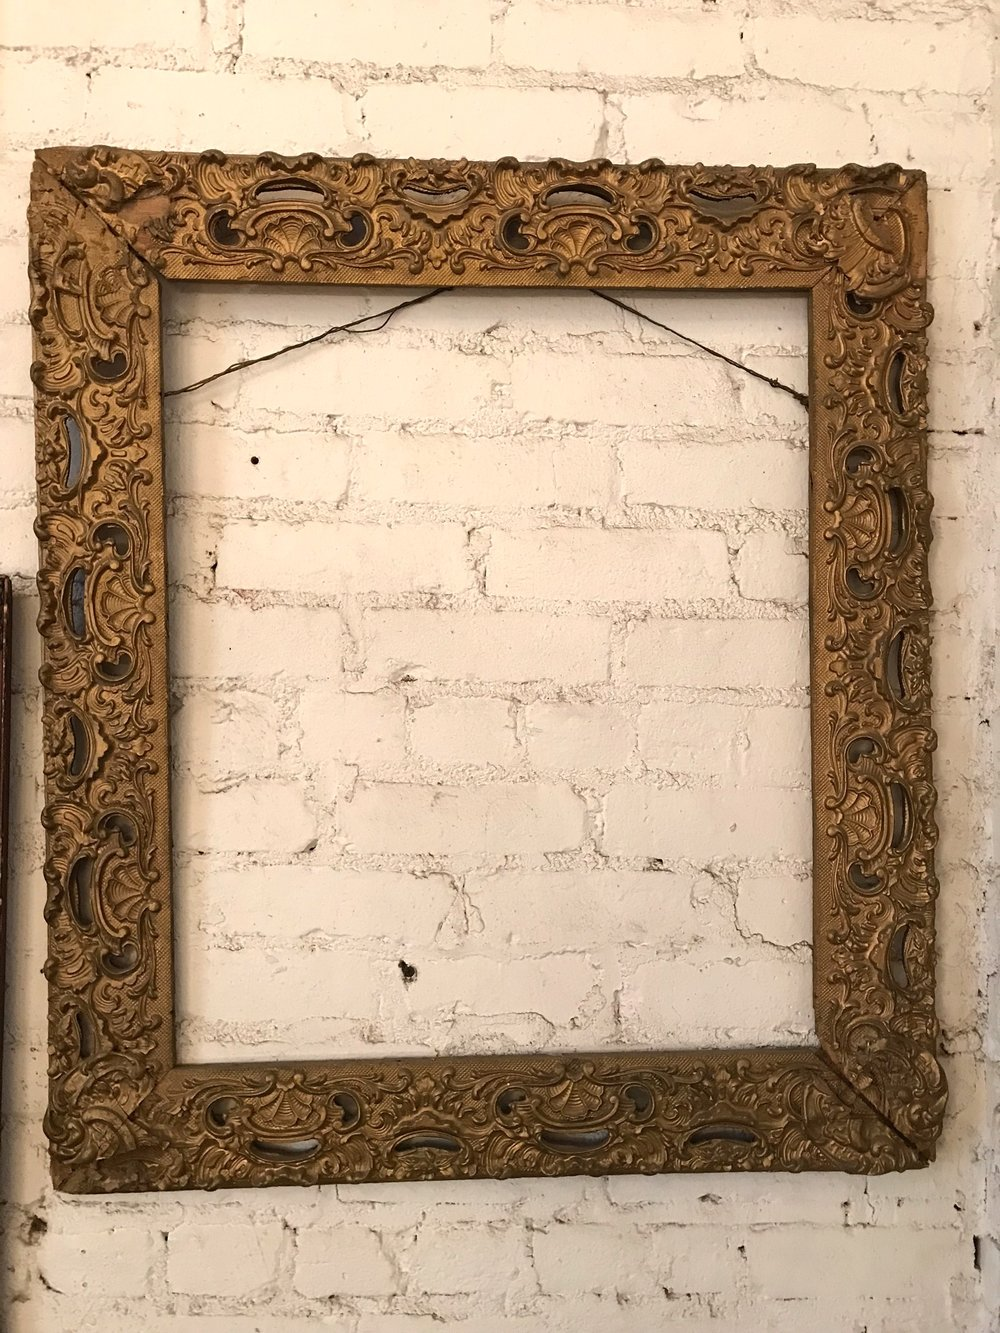 Ornate Gilded Frame